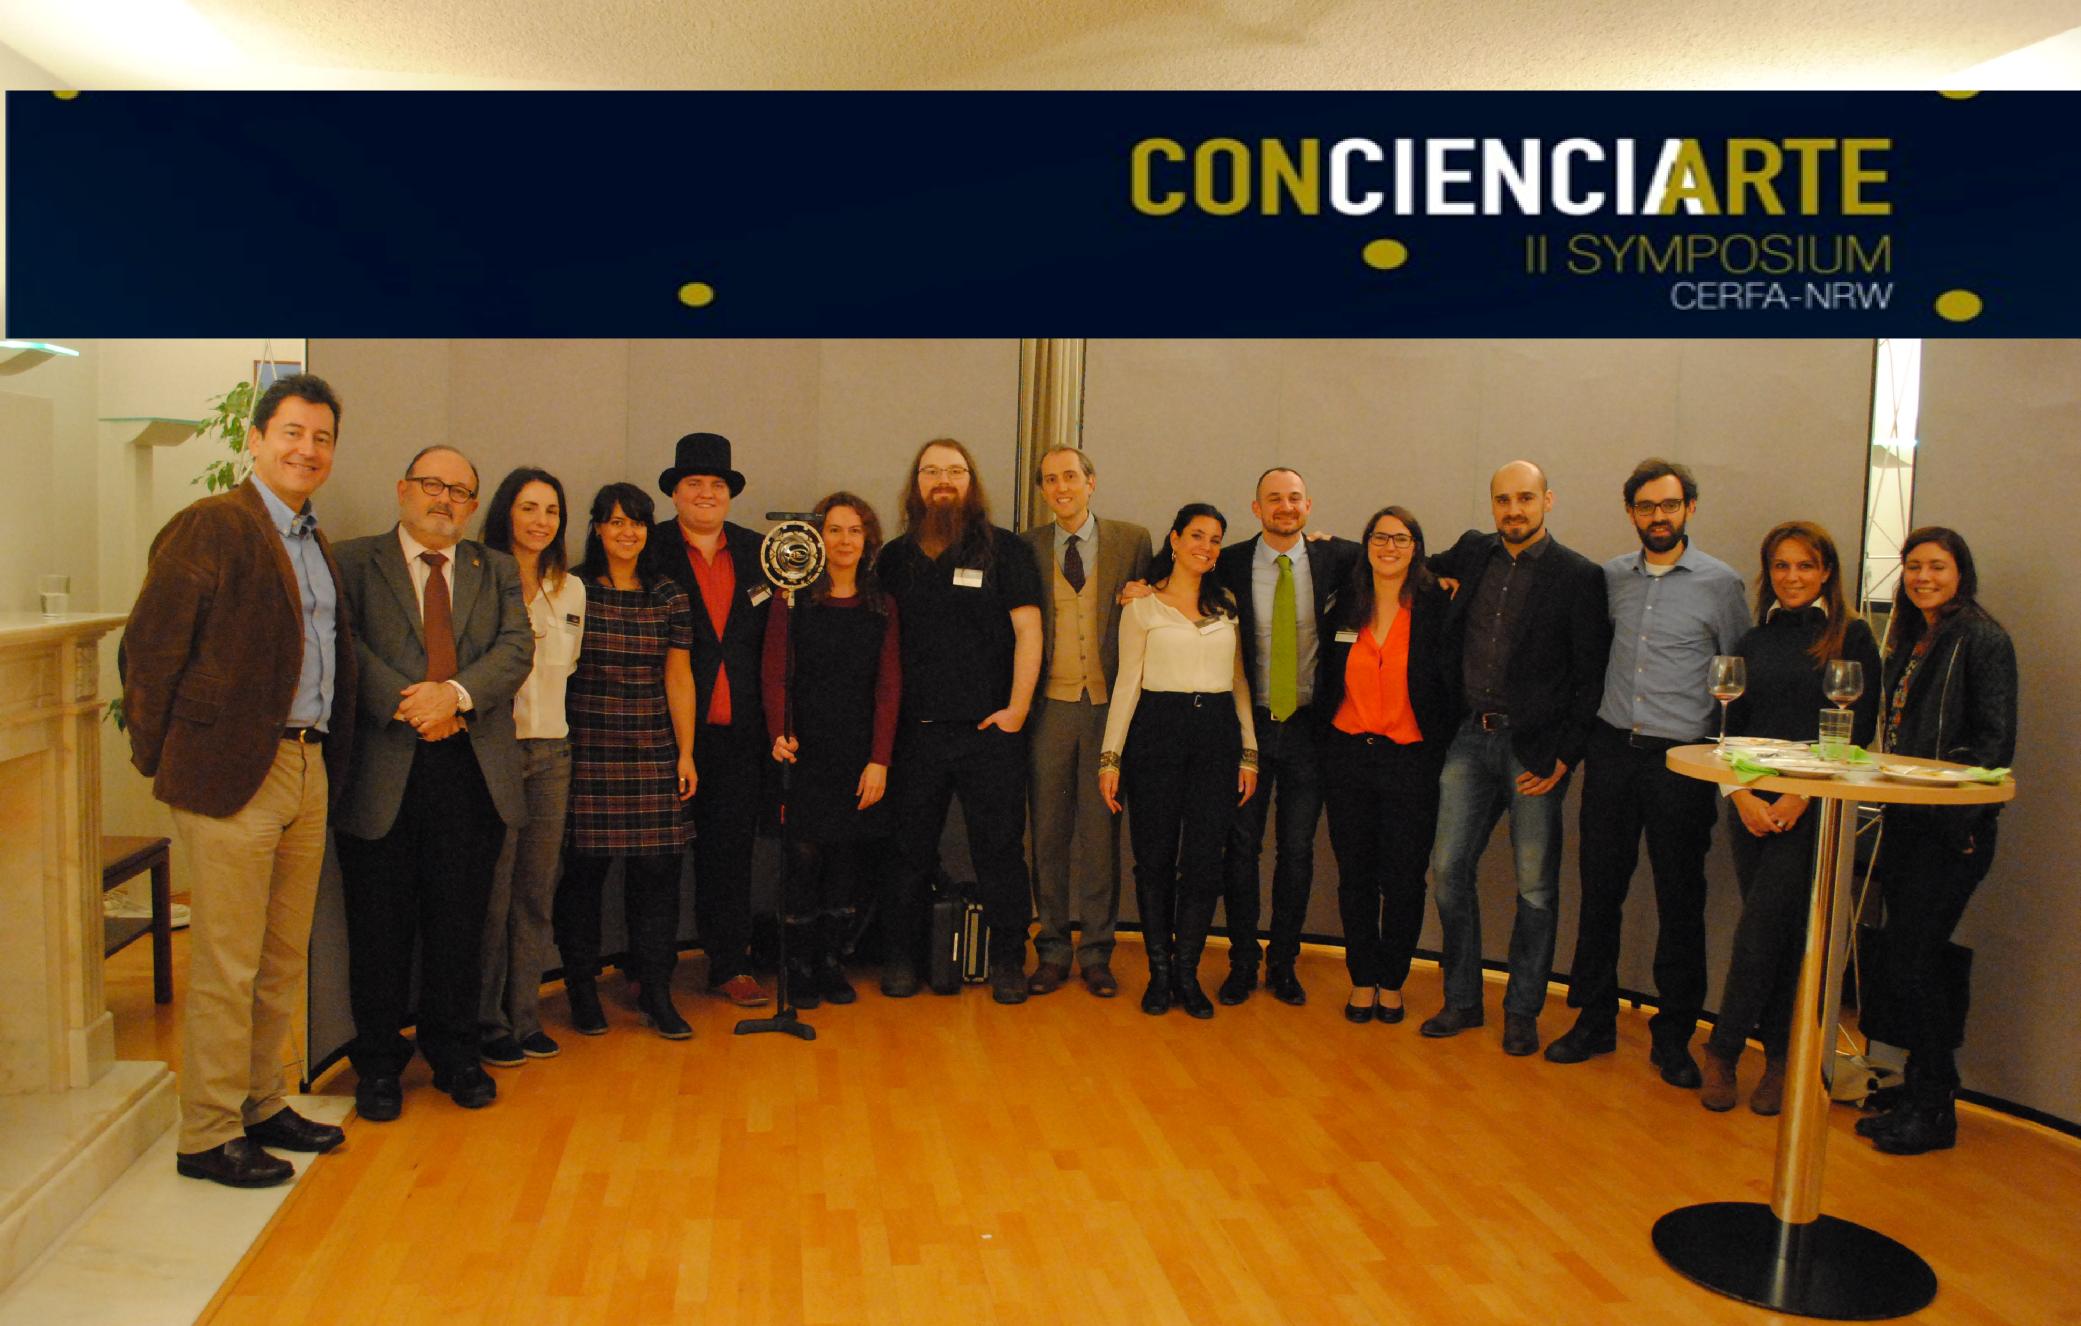 CerfaNRW-ConCIENCIArte_25.10.2015